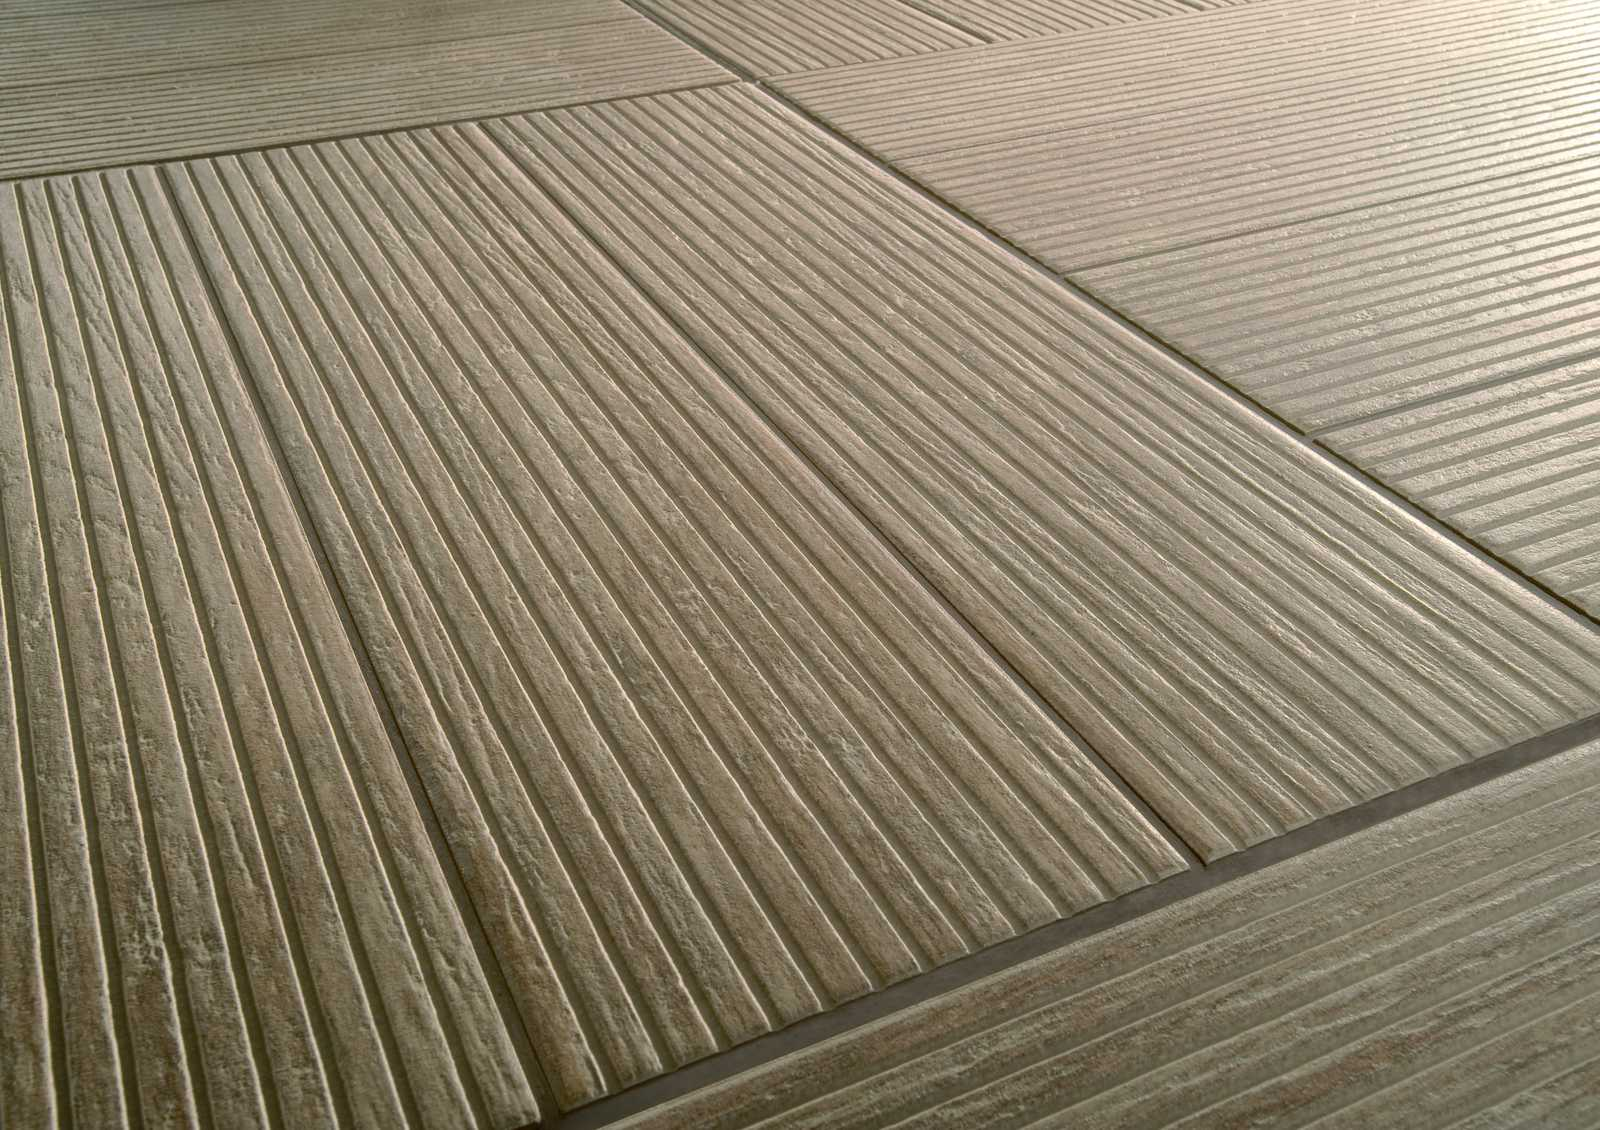 Gres effetto legno per esterni beautiful harmony with gres